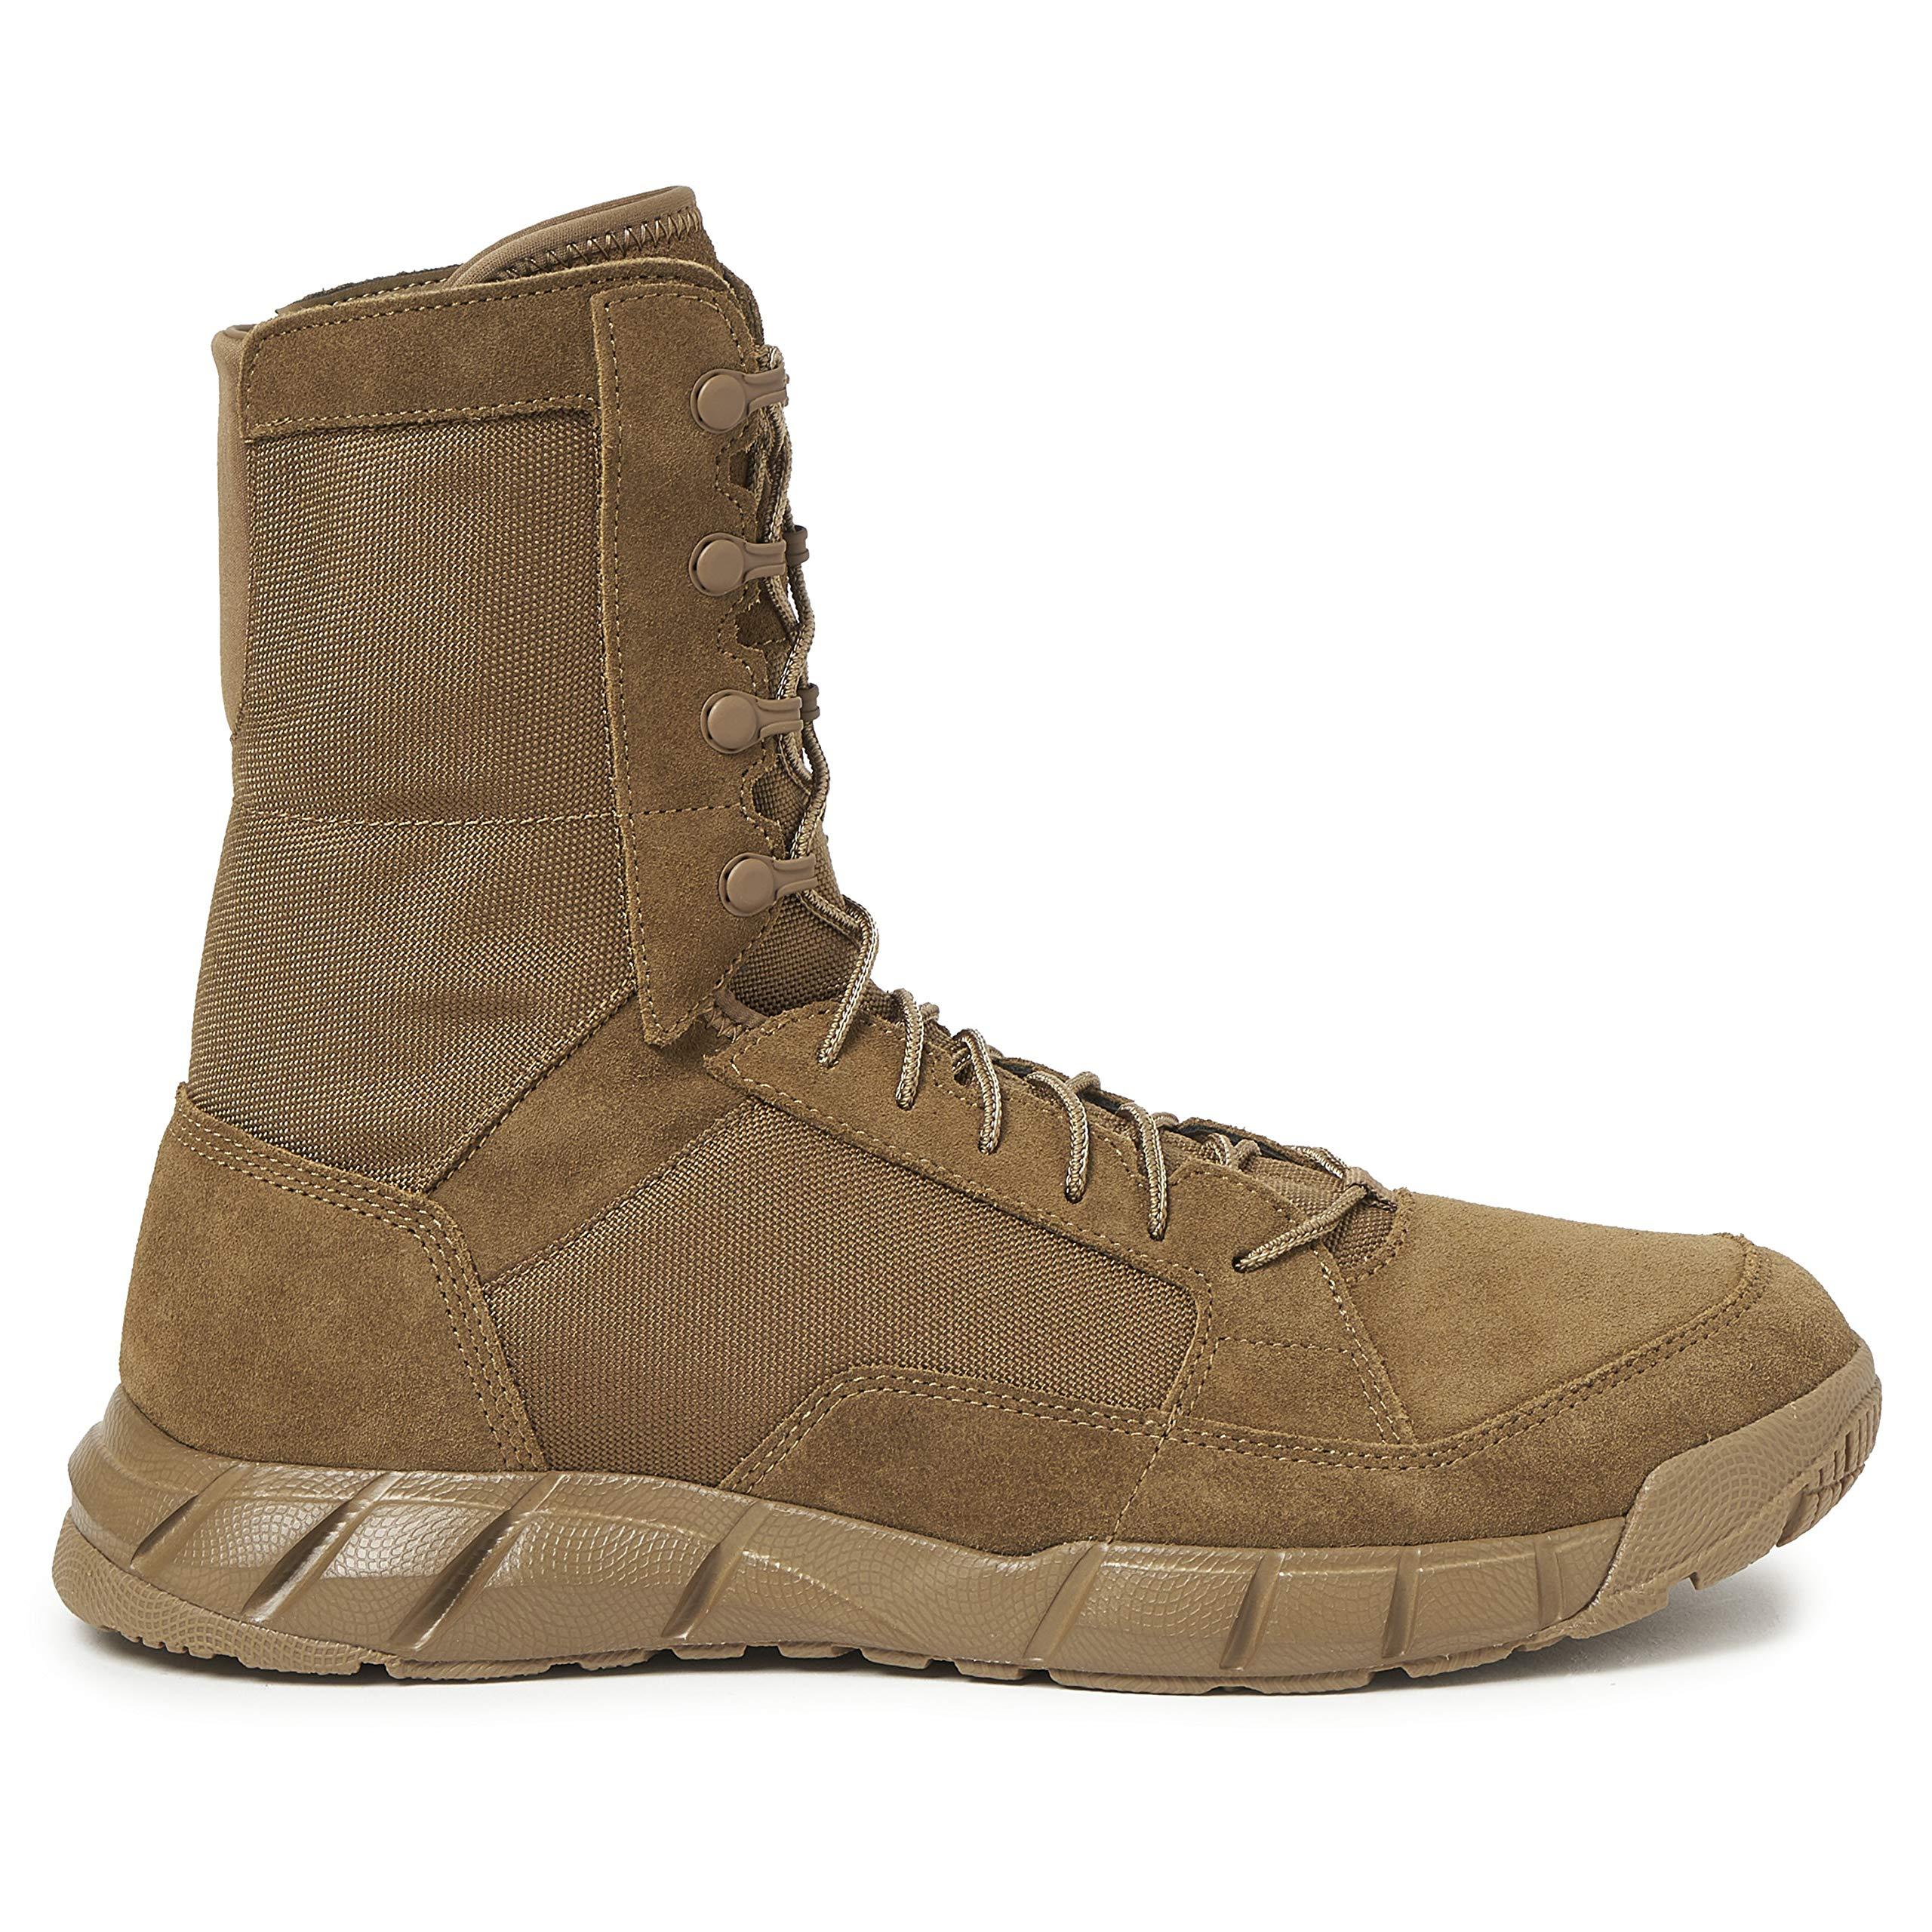 Oakley Light Assault Boots Coyote